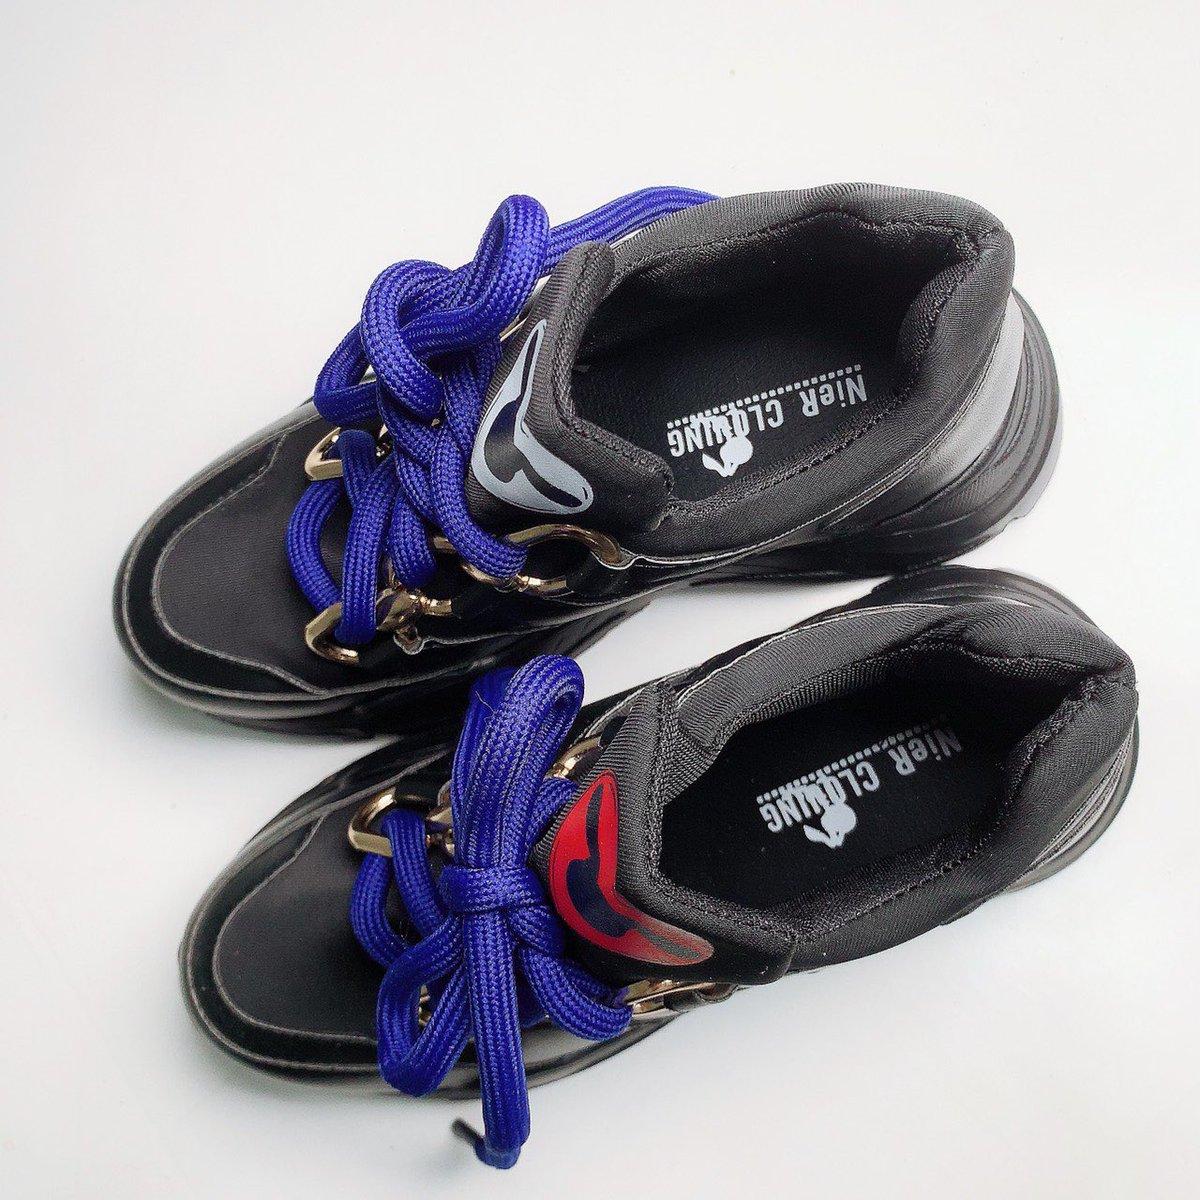 🚫新作案内🚫  NieR LADIES BLACK SHOES 【BLUE RIBBON】  軽量&クッション性ソールで長時間歩いても疲れにくい拘りのアイテムです